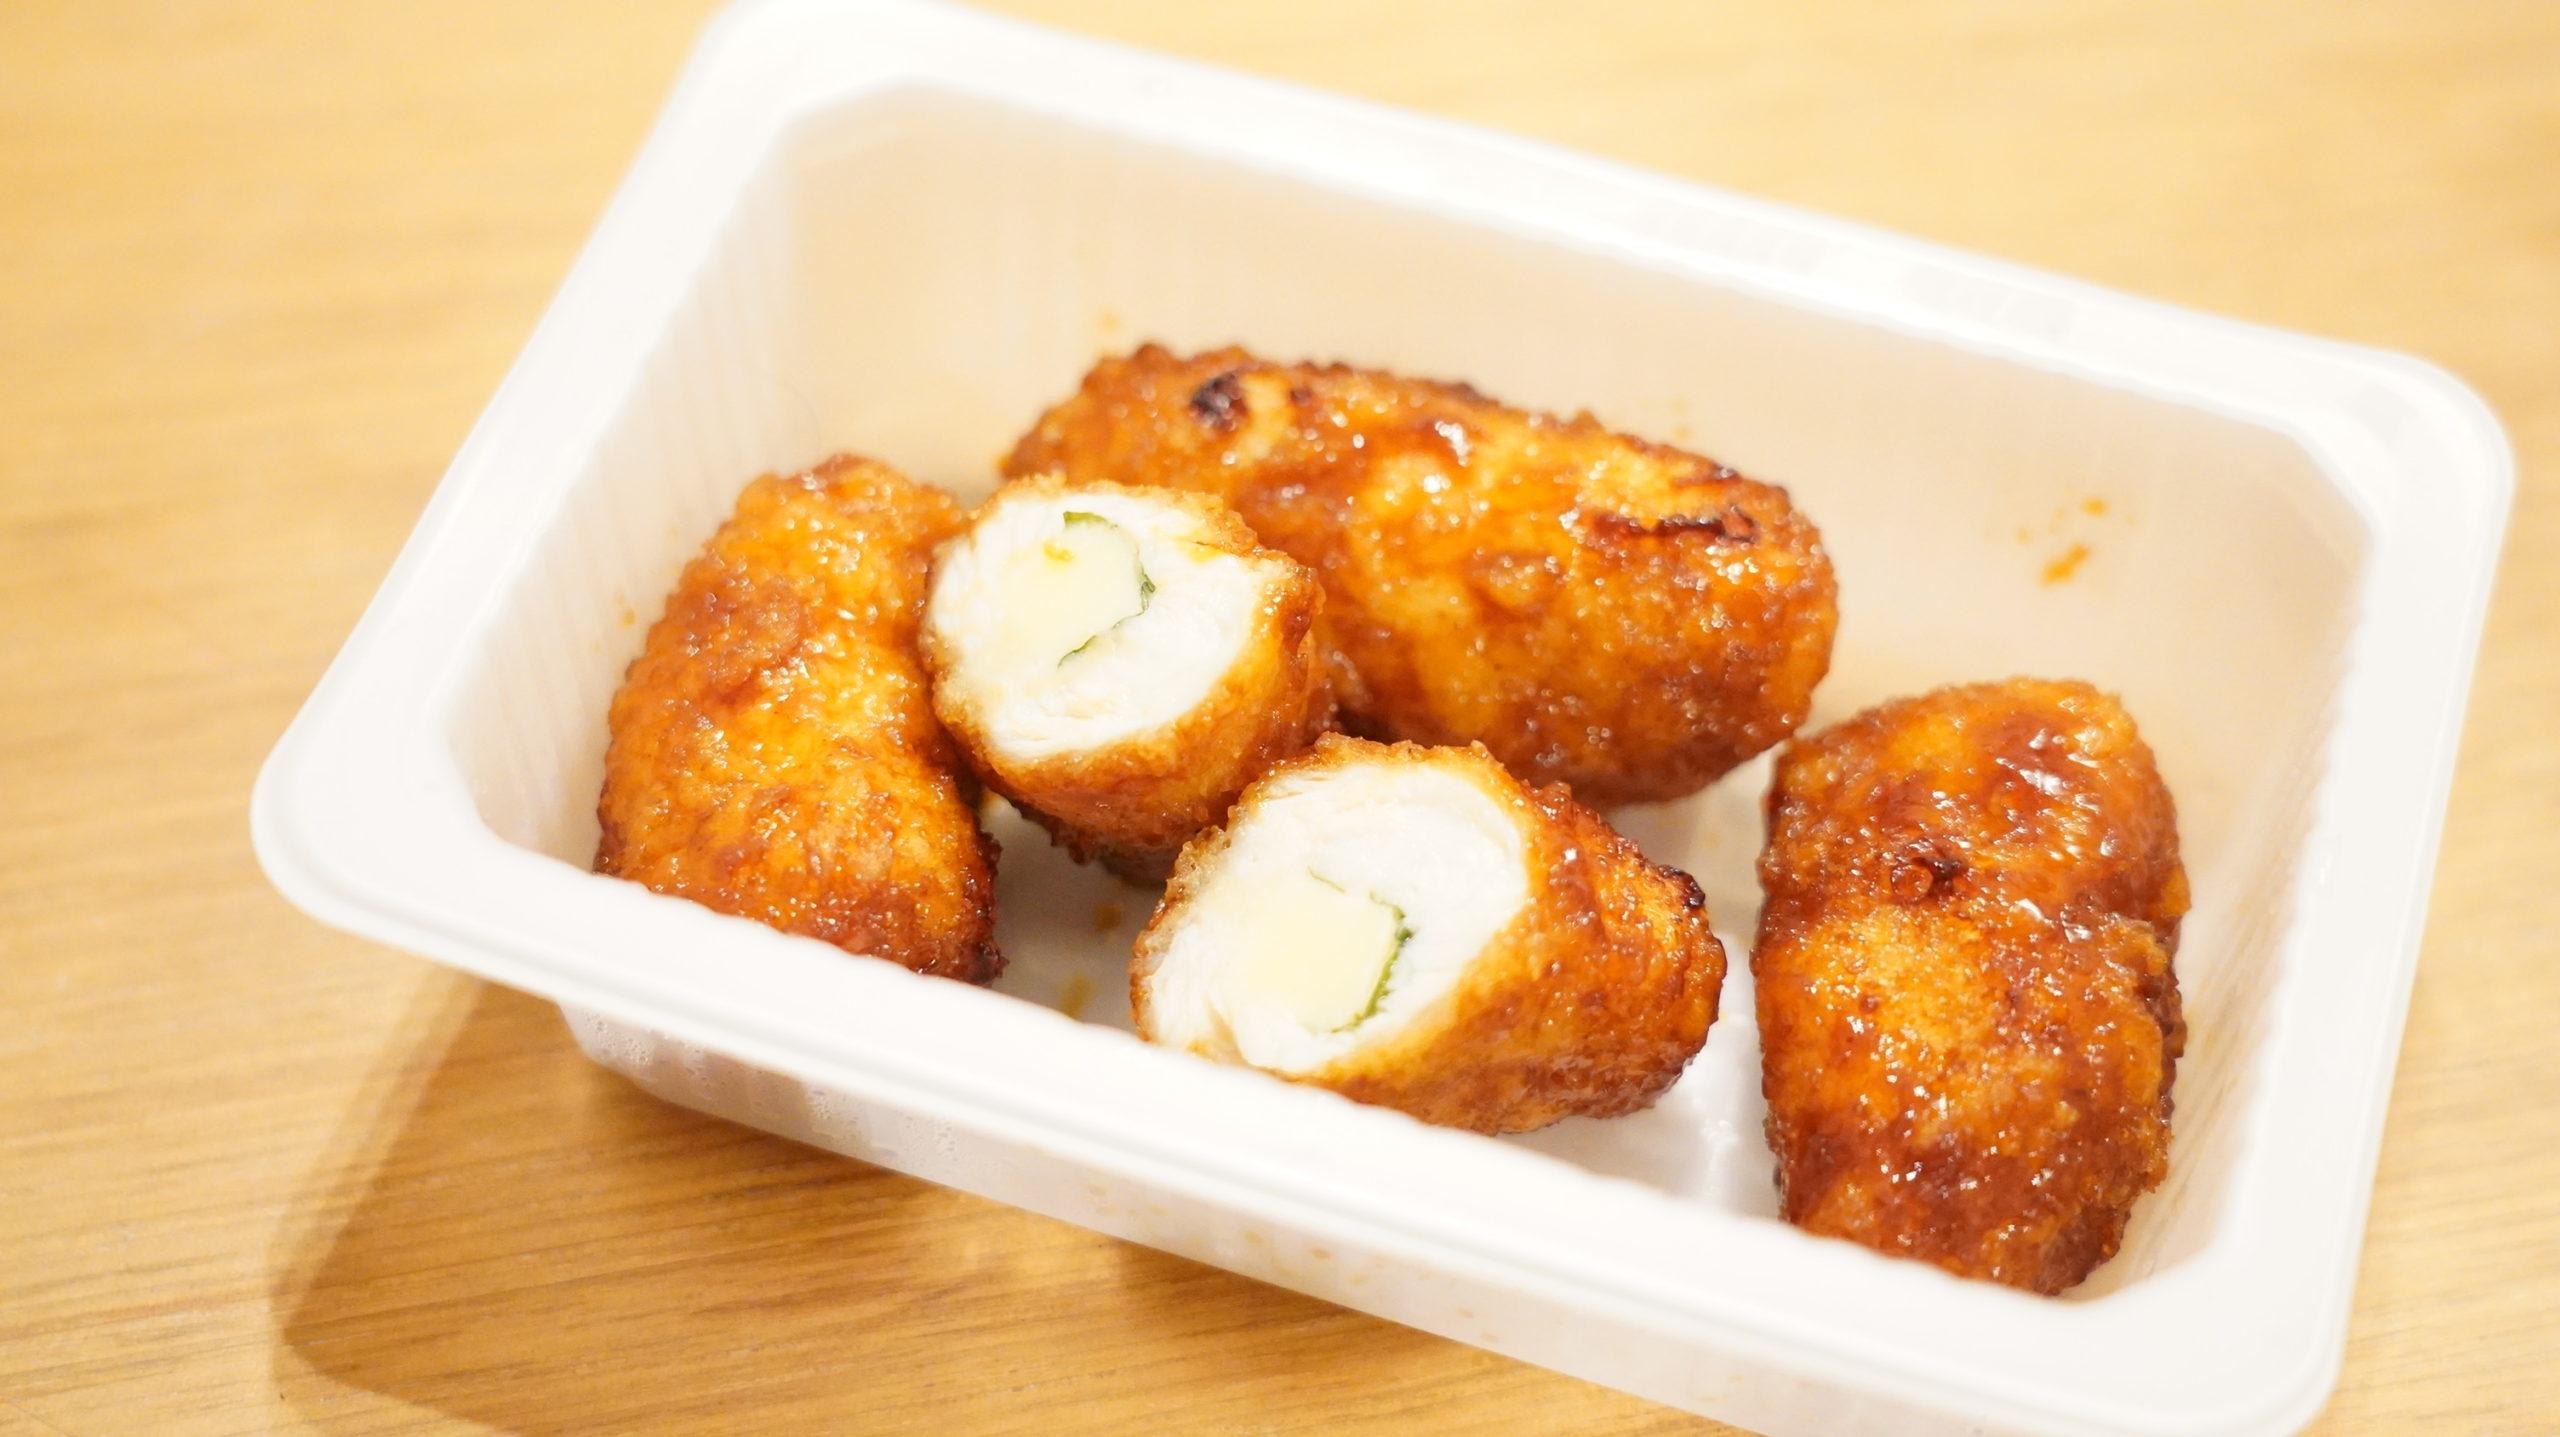 セブンイレブンの冷凍食品「大葉香る・ささみチーズカツ」の断面の写真